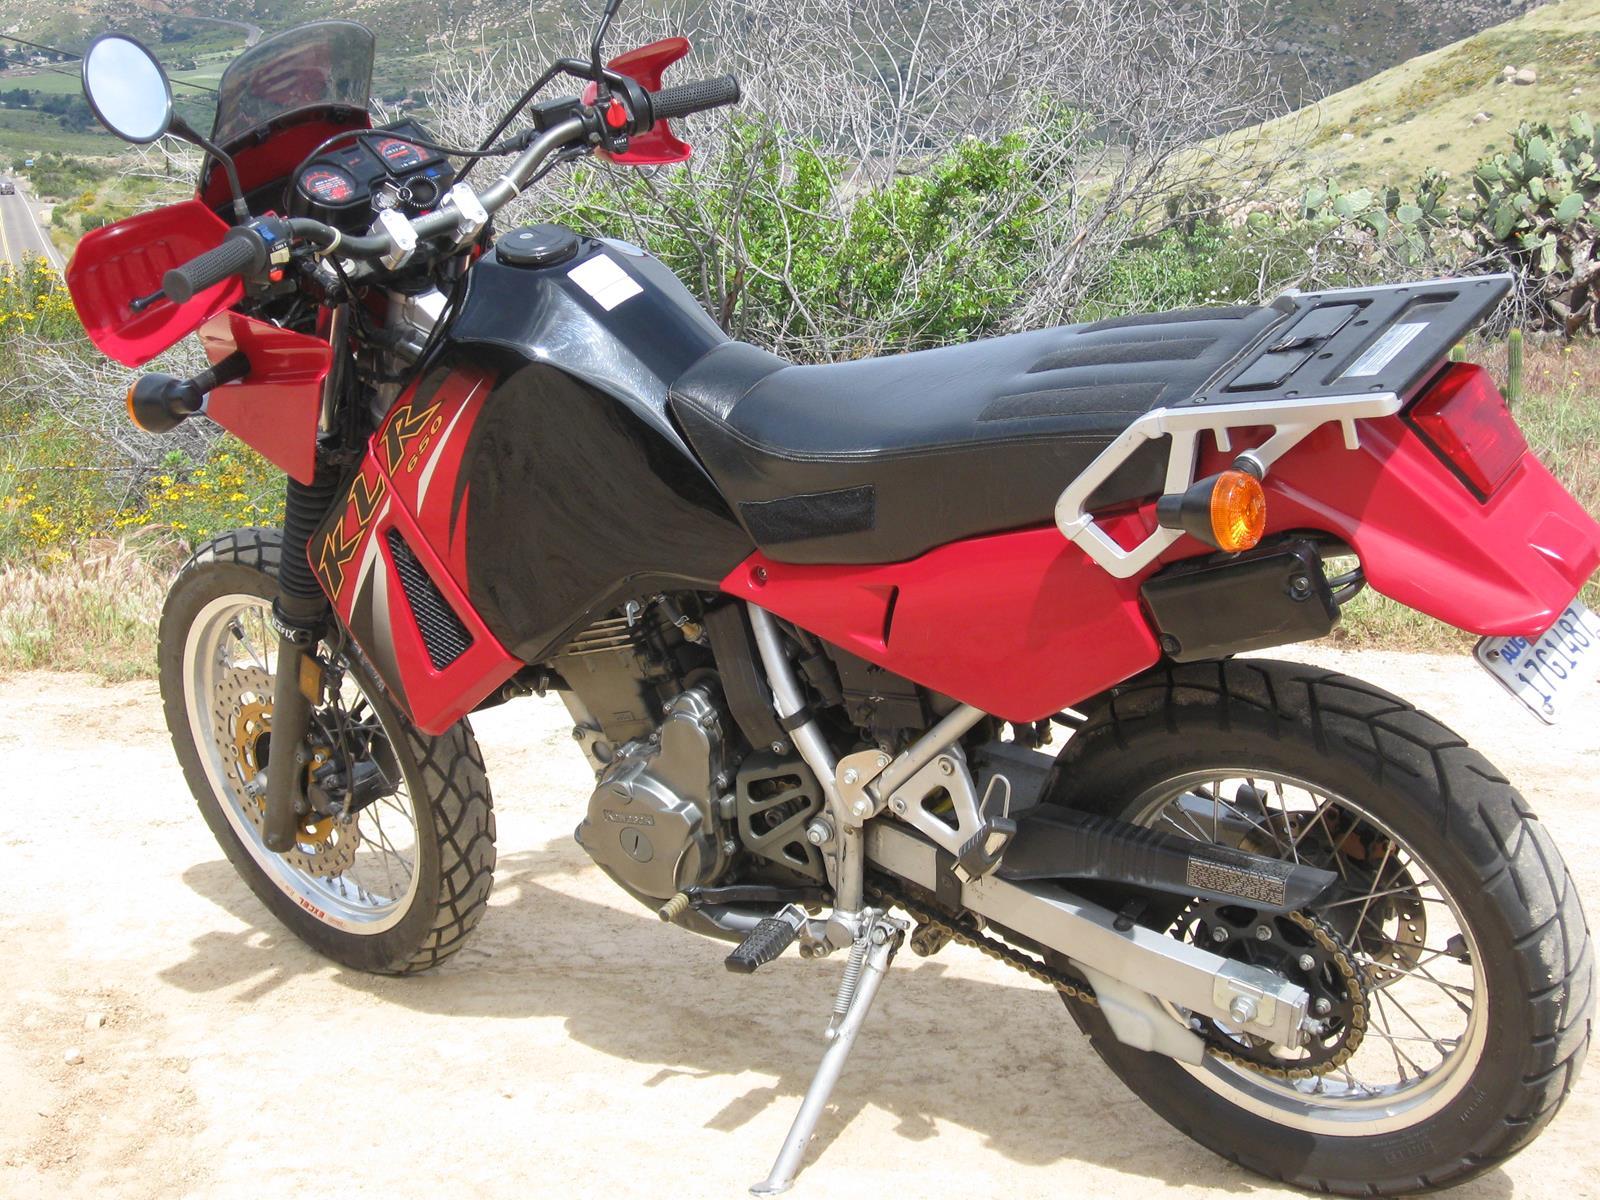 Rod's 1996 KLR650